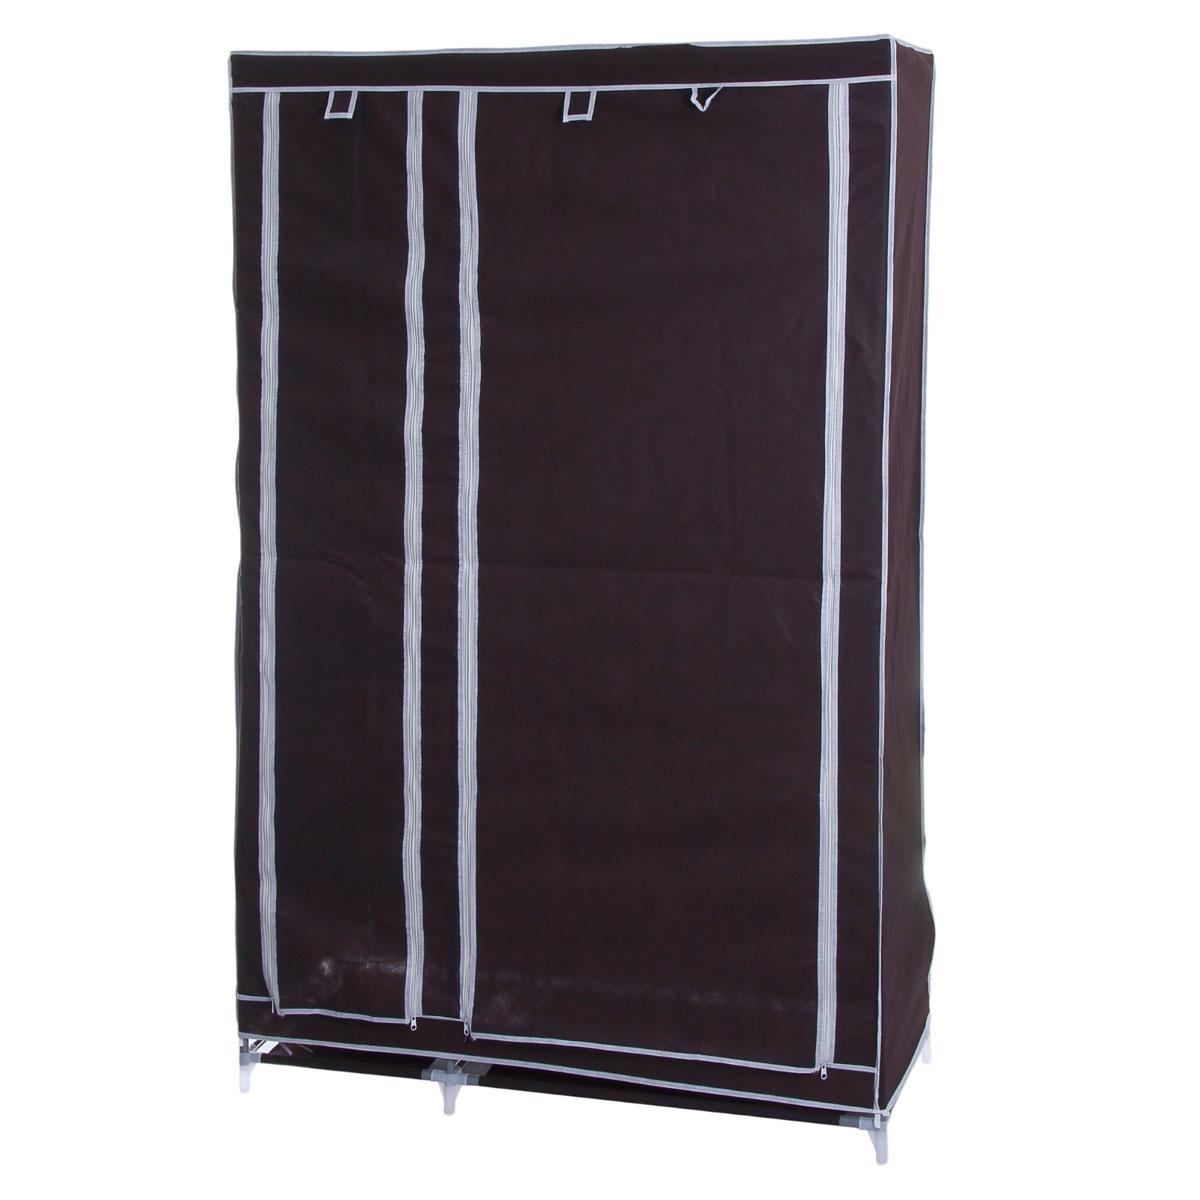 Мобильный шкаф для одежды Sima-land, цвет: кофейный, 110 х 45 х 175 см 852965CM000001326Мобильный шкаф для одежды Sima-land, предназначенный для хранения одежды и других вещей, это отличное решение проблемы, когда наблюдается явный дефицит места или есть временная необходимость. Складной тканевый шкаф - это мобильная конструкция, состоящая из сборного металлического каркаса, на который натянут чехол из нетканого полотна. Корпус шкафа сделан из легкой, но прочной стали, а обивка из полиэстера, который можно легко стирать в стиральной машинке. Шкаф оснащен двумя отделами с текстильными дверями, которые закрываются на застежки-молнии. Чтобы открыть шкаф вы можете скрутить двери и зафиксировать их наверху с помощью ремешков на липучках. В одном отделе присутствует перекладина для хранения вещей на вешалках, во втором отделе - 4 вместительные полки.